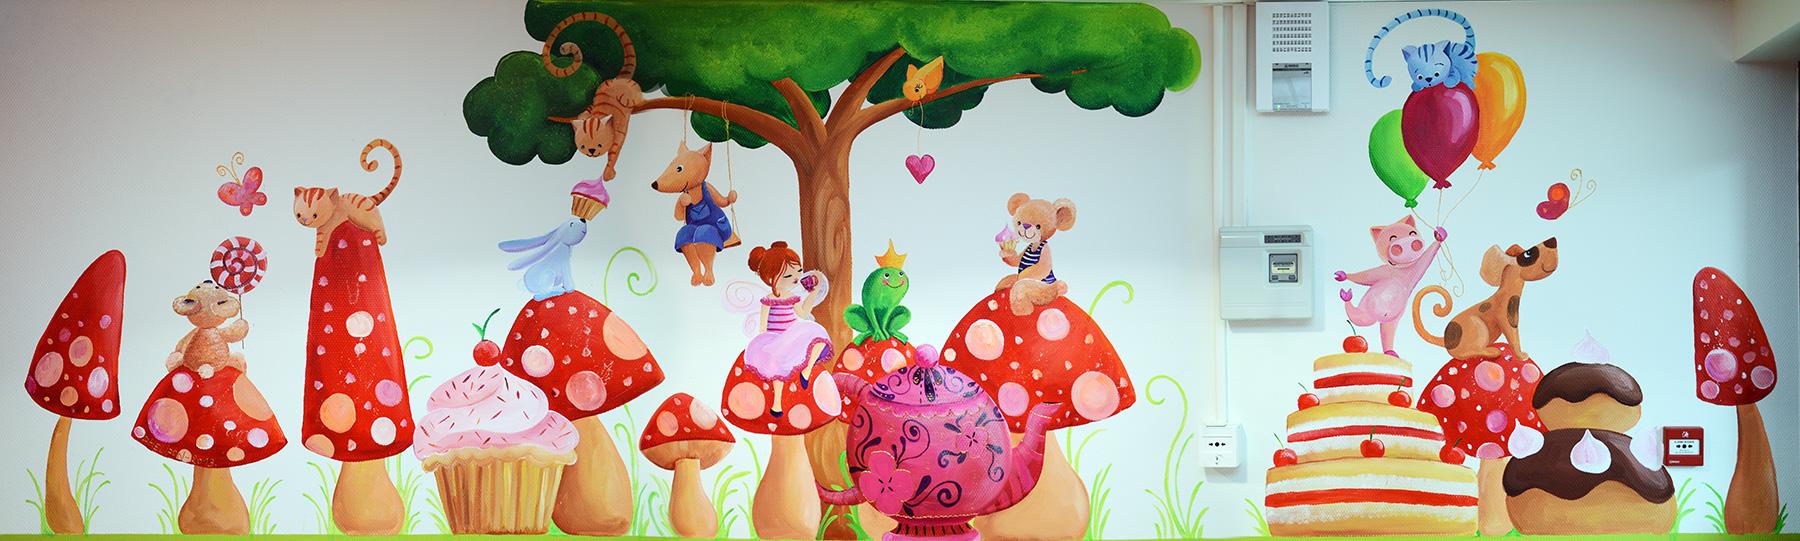 fresque féerique sur le thème du pique-nique dans une cantine